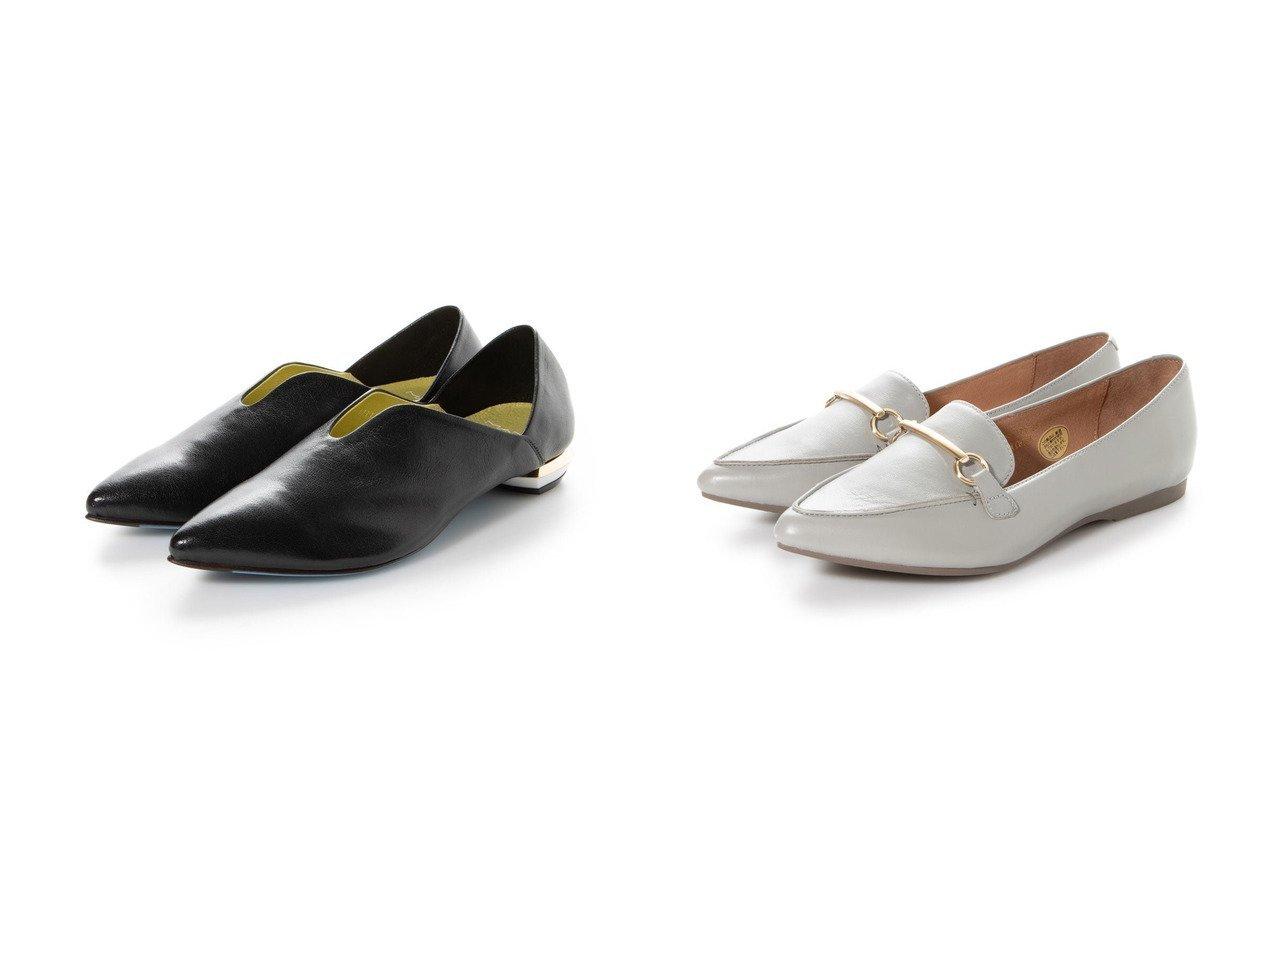 【ASHINAGAOJISAN/あしながおじさん】のビットモカシューズ&【MANA yukoplus Store/マナ ユウコプラス ストア】のドレスシューズ シューズ・靴のおすすめ!人気、トレンド・レディースファッションの通販  おすすめで人気の流行・トレンド、ファッションの通販商品 メンズファッション・キッズファッション・インテリア・家具・レディースファッション・服の通販 founy(ファニー) https://founy.com/ ファッション Fashion レディースファッション WOMEN シューズ ドレス |ID:crp329100000010858